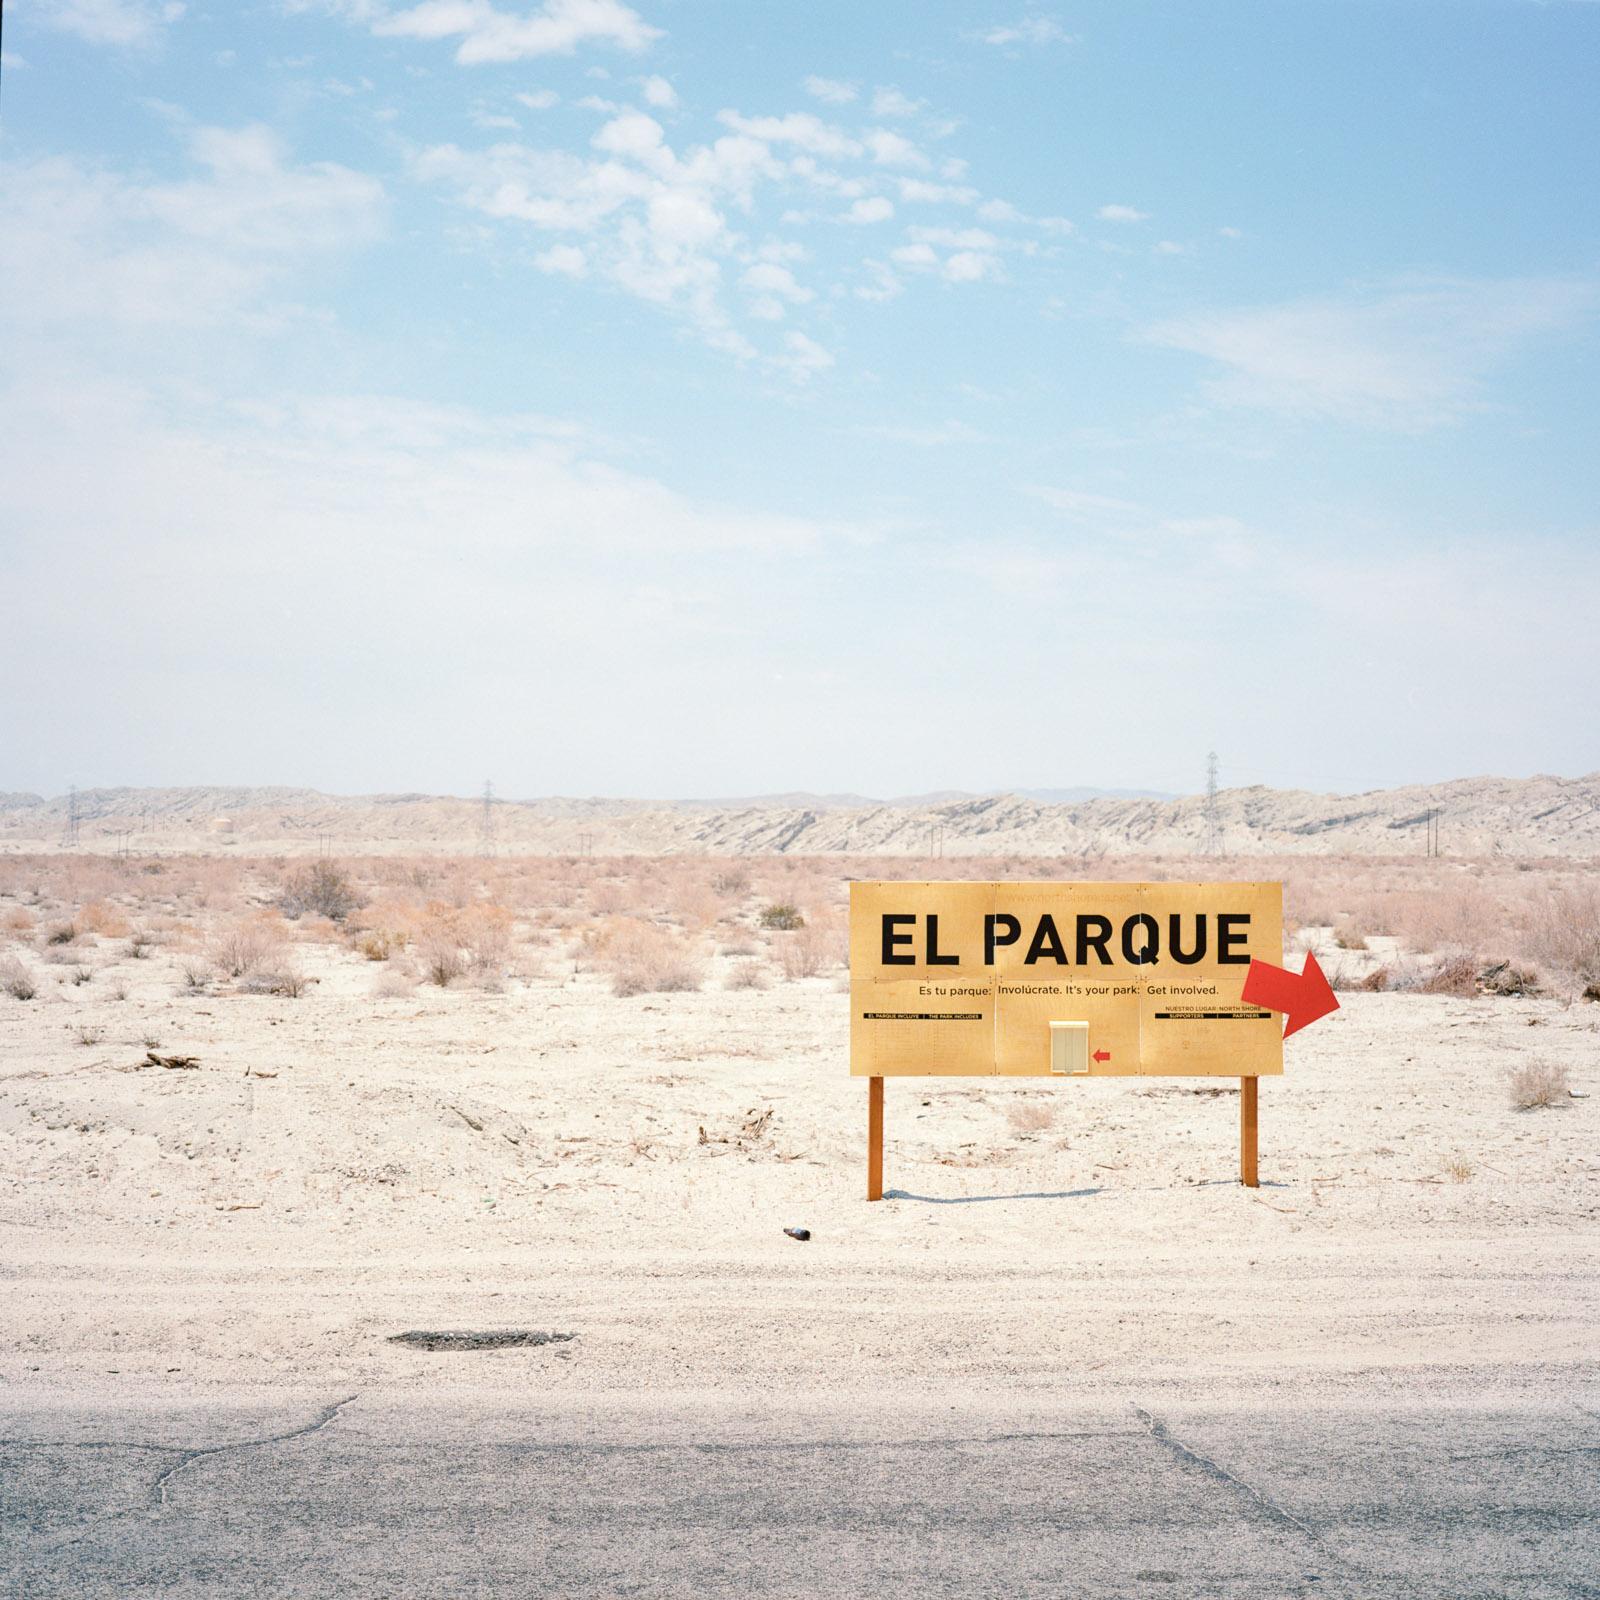 0018-california-travel-31-USA-Ektar-100-5.jpg